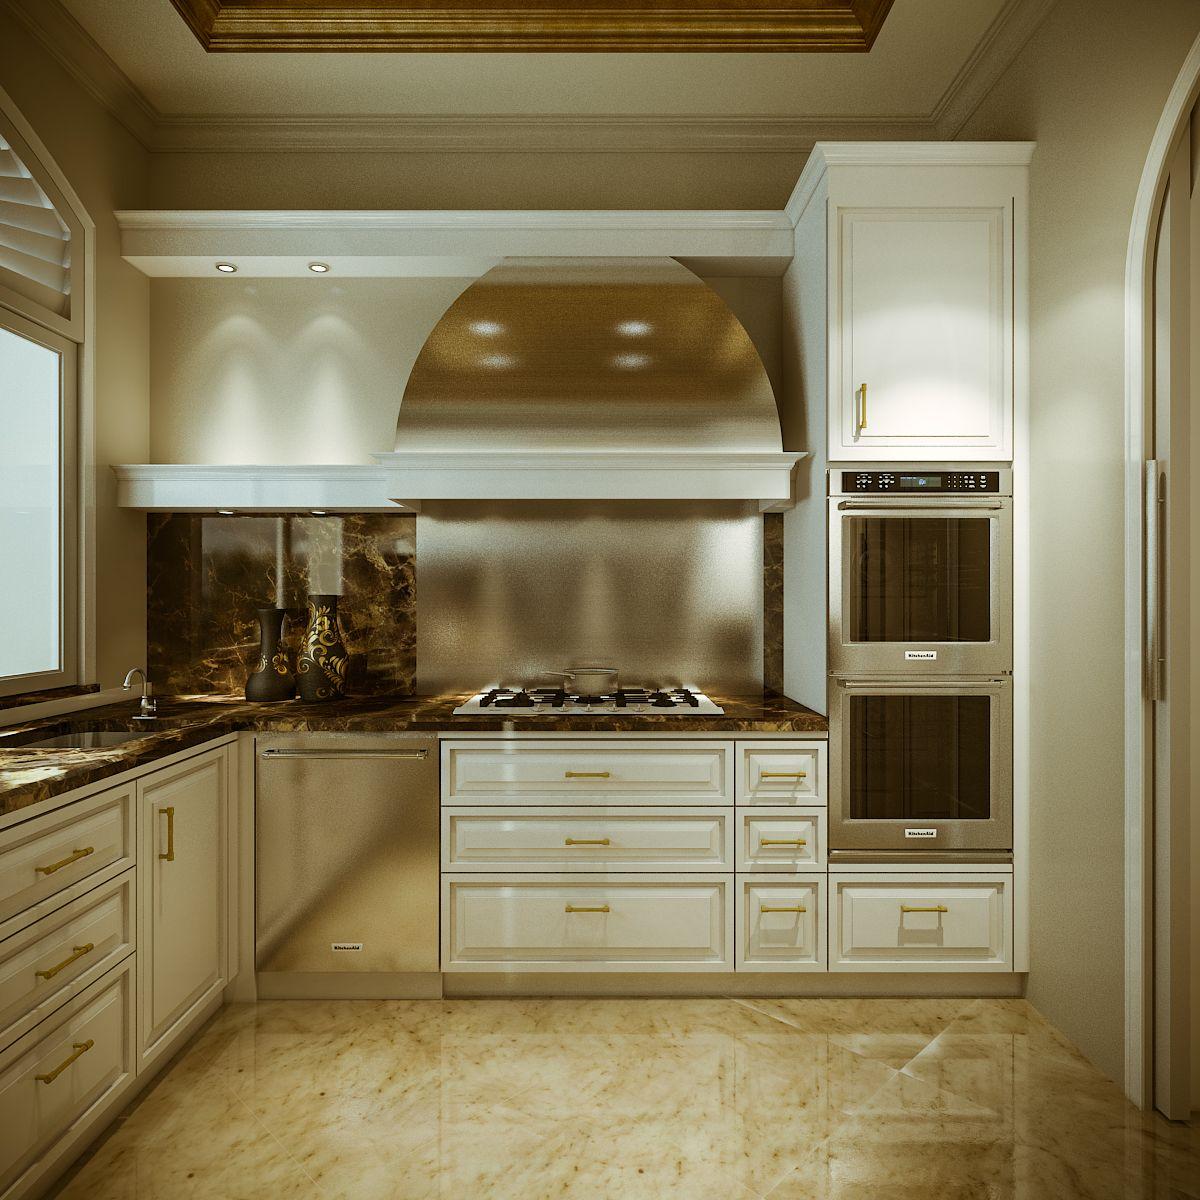 Family Home Kitchen - NY 296